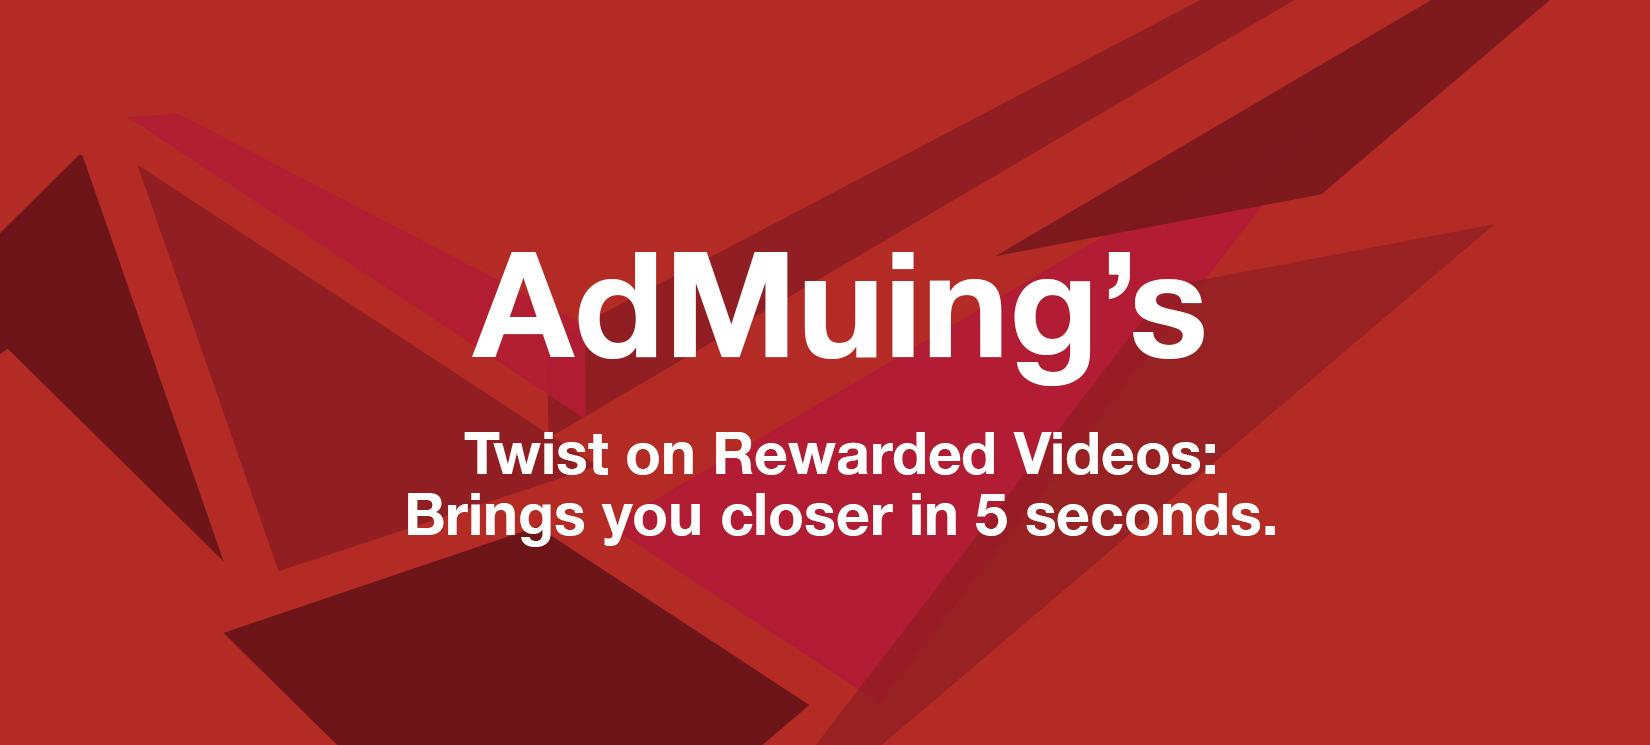 AdMuing